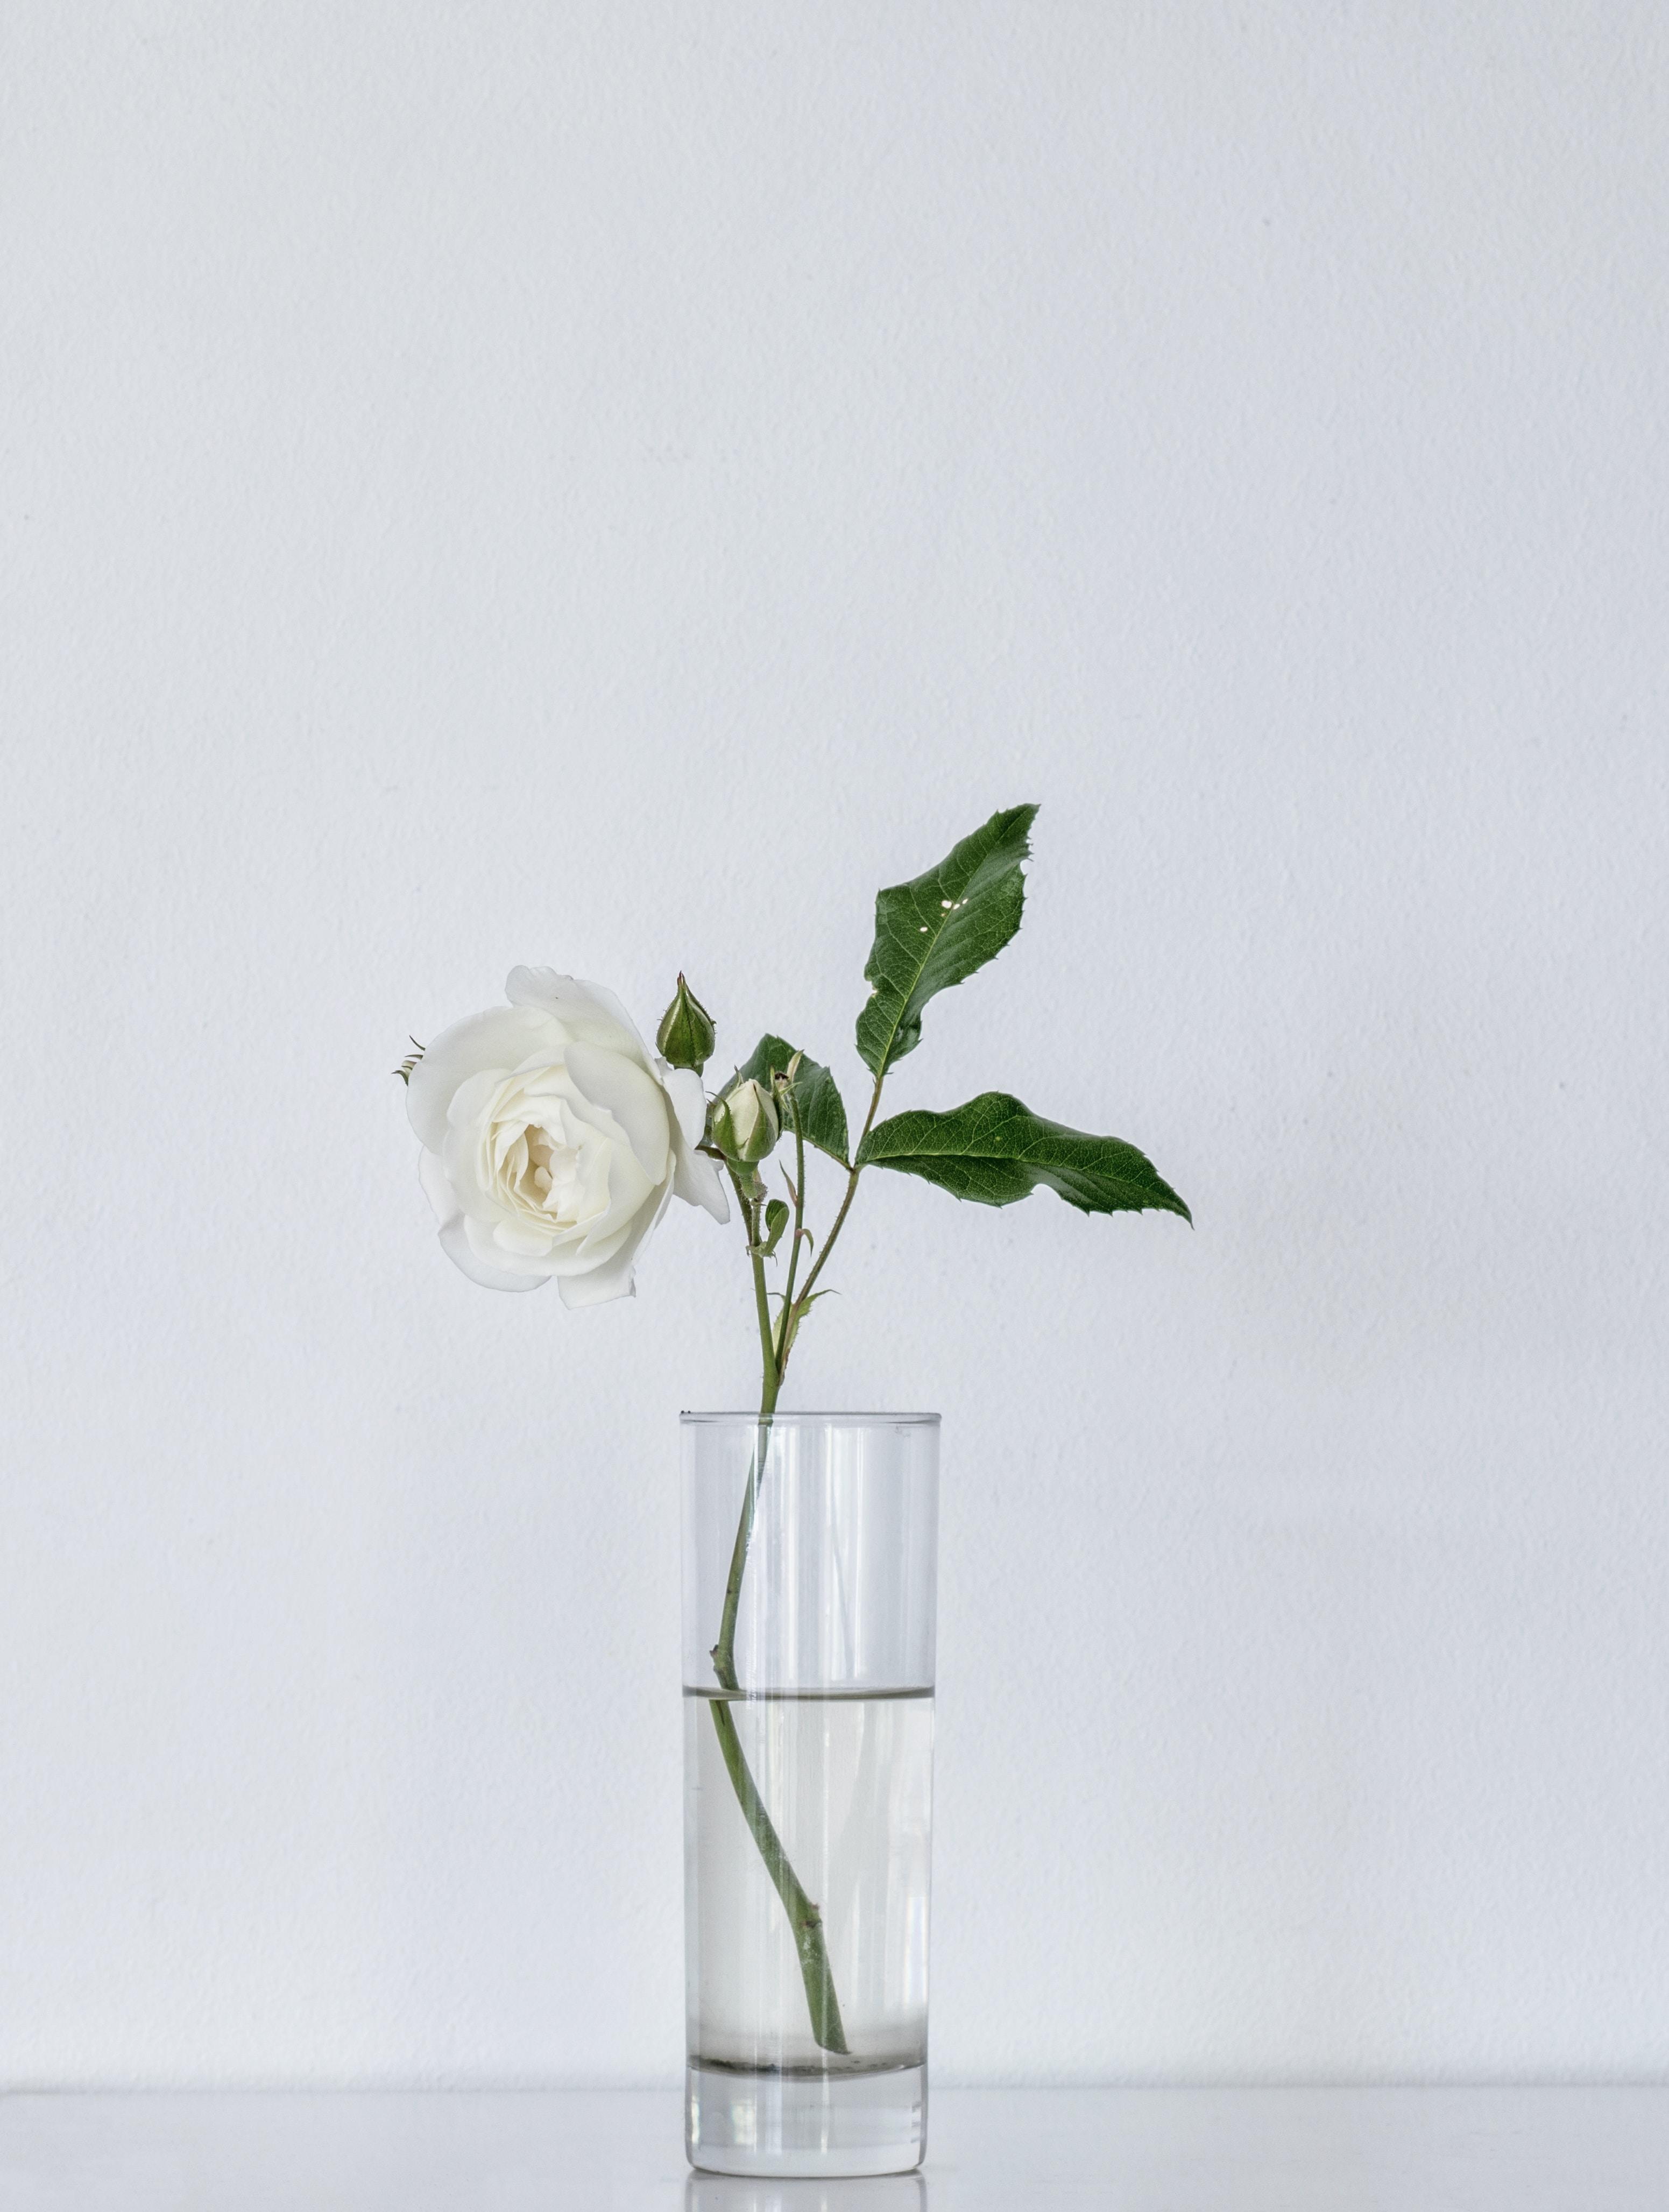 white rose on glass vase